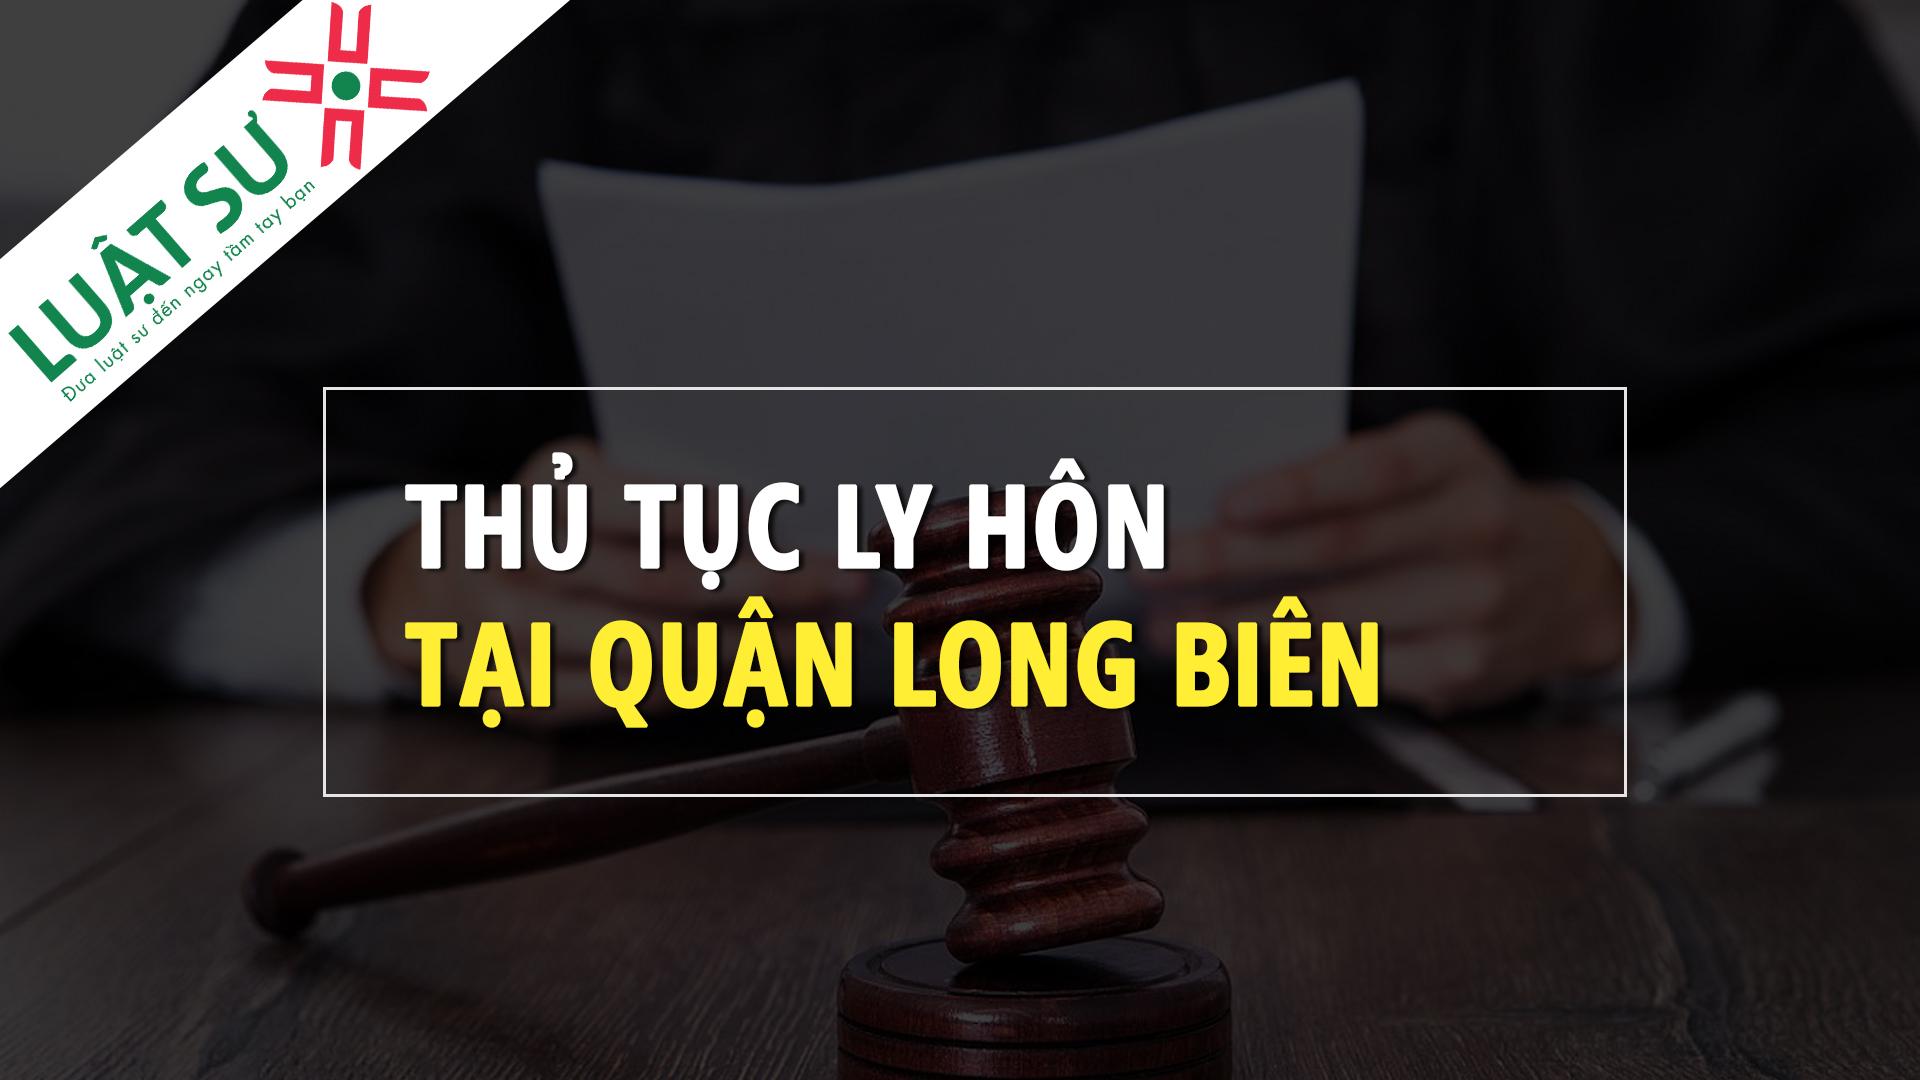 Thủ tục ly hôn tại Quận Long Biên